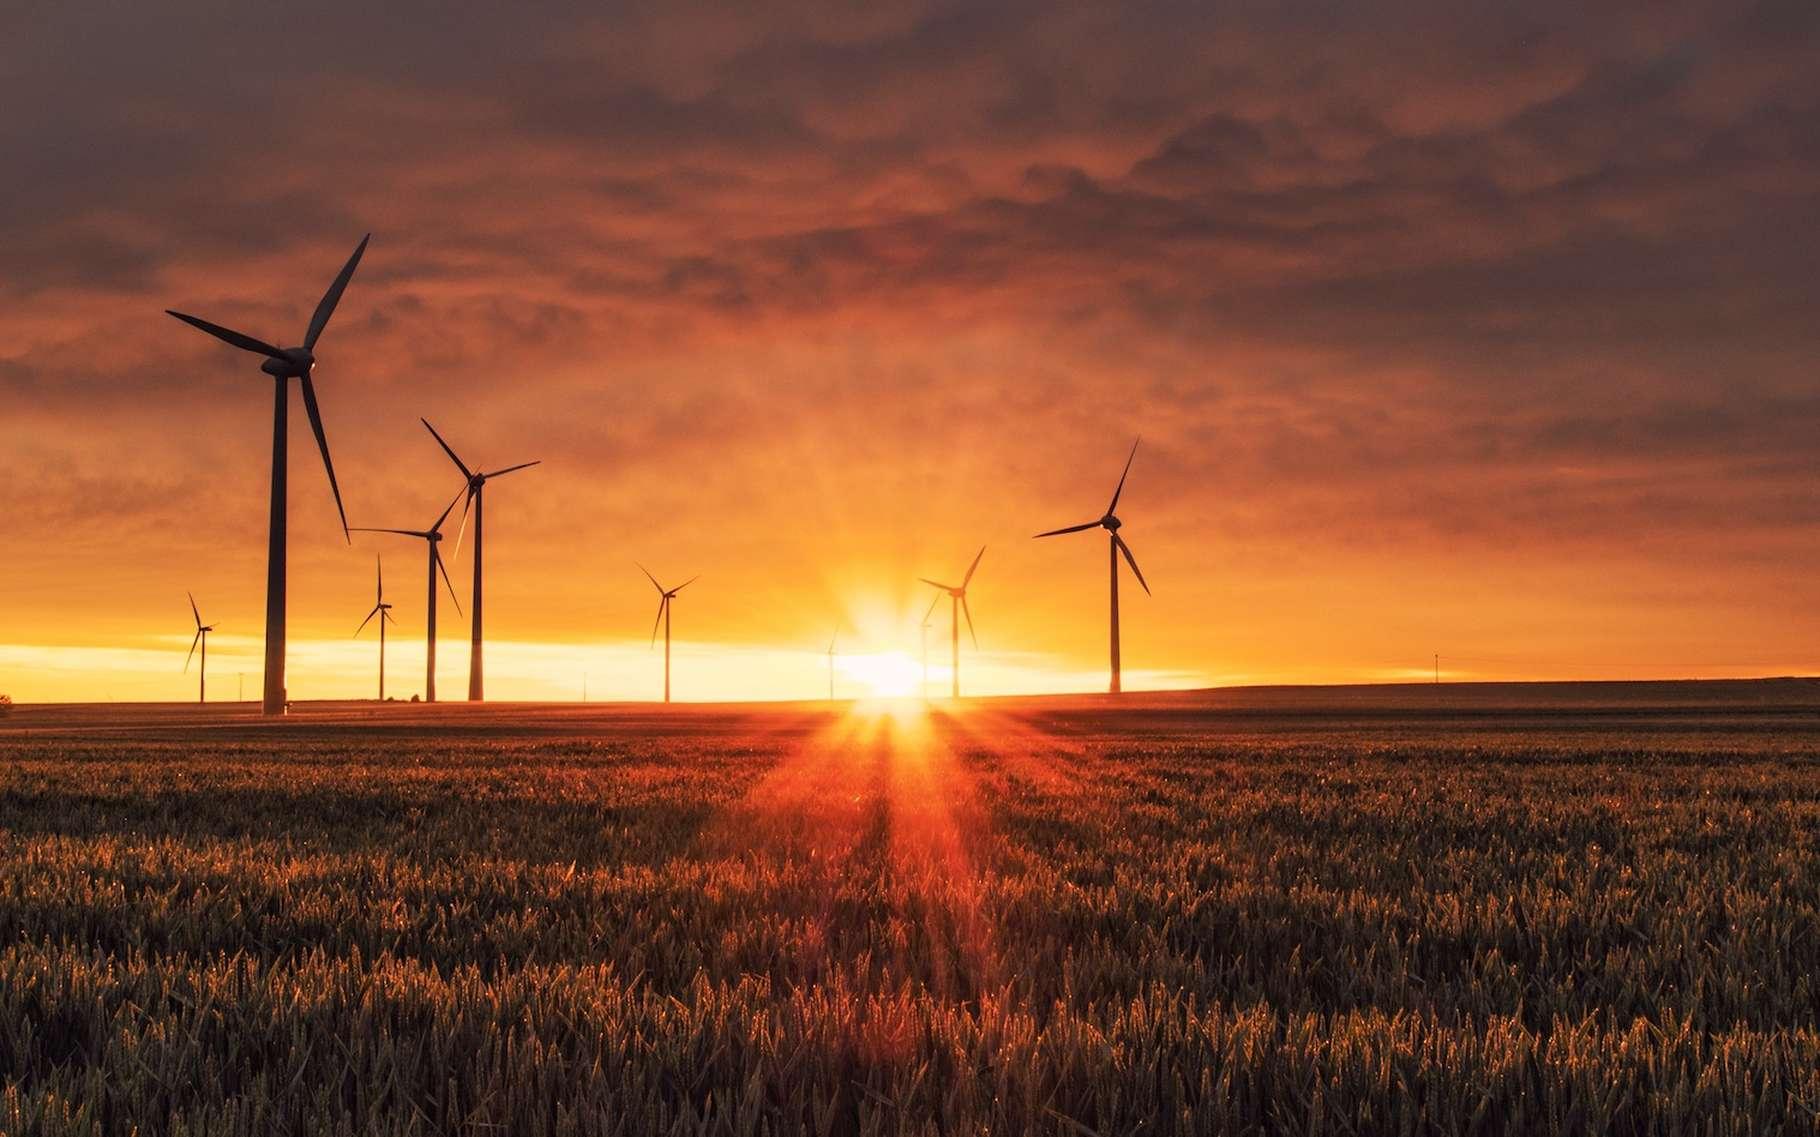 Depuis le 1er janvier 2017 — et avec un an d'avance sur la feuille de route établie en 2015 — les trains hollandais sont exclusivement alimentés par une électricité d'origine éolienne. © Karsten Würth, Unsplash, CC0 Domaine public